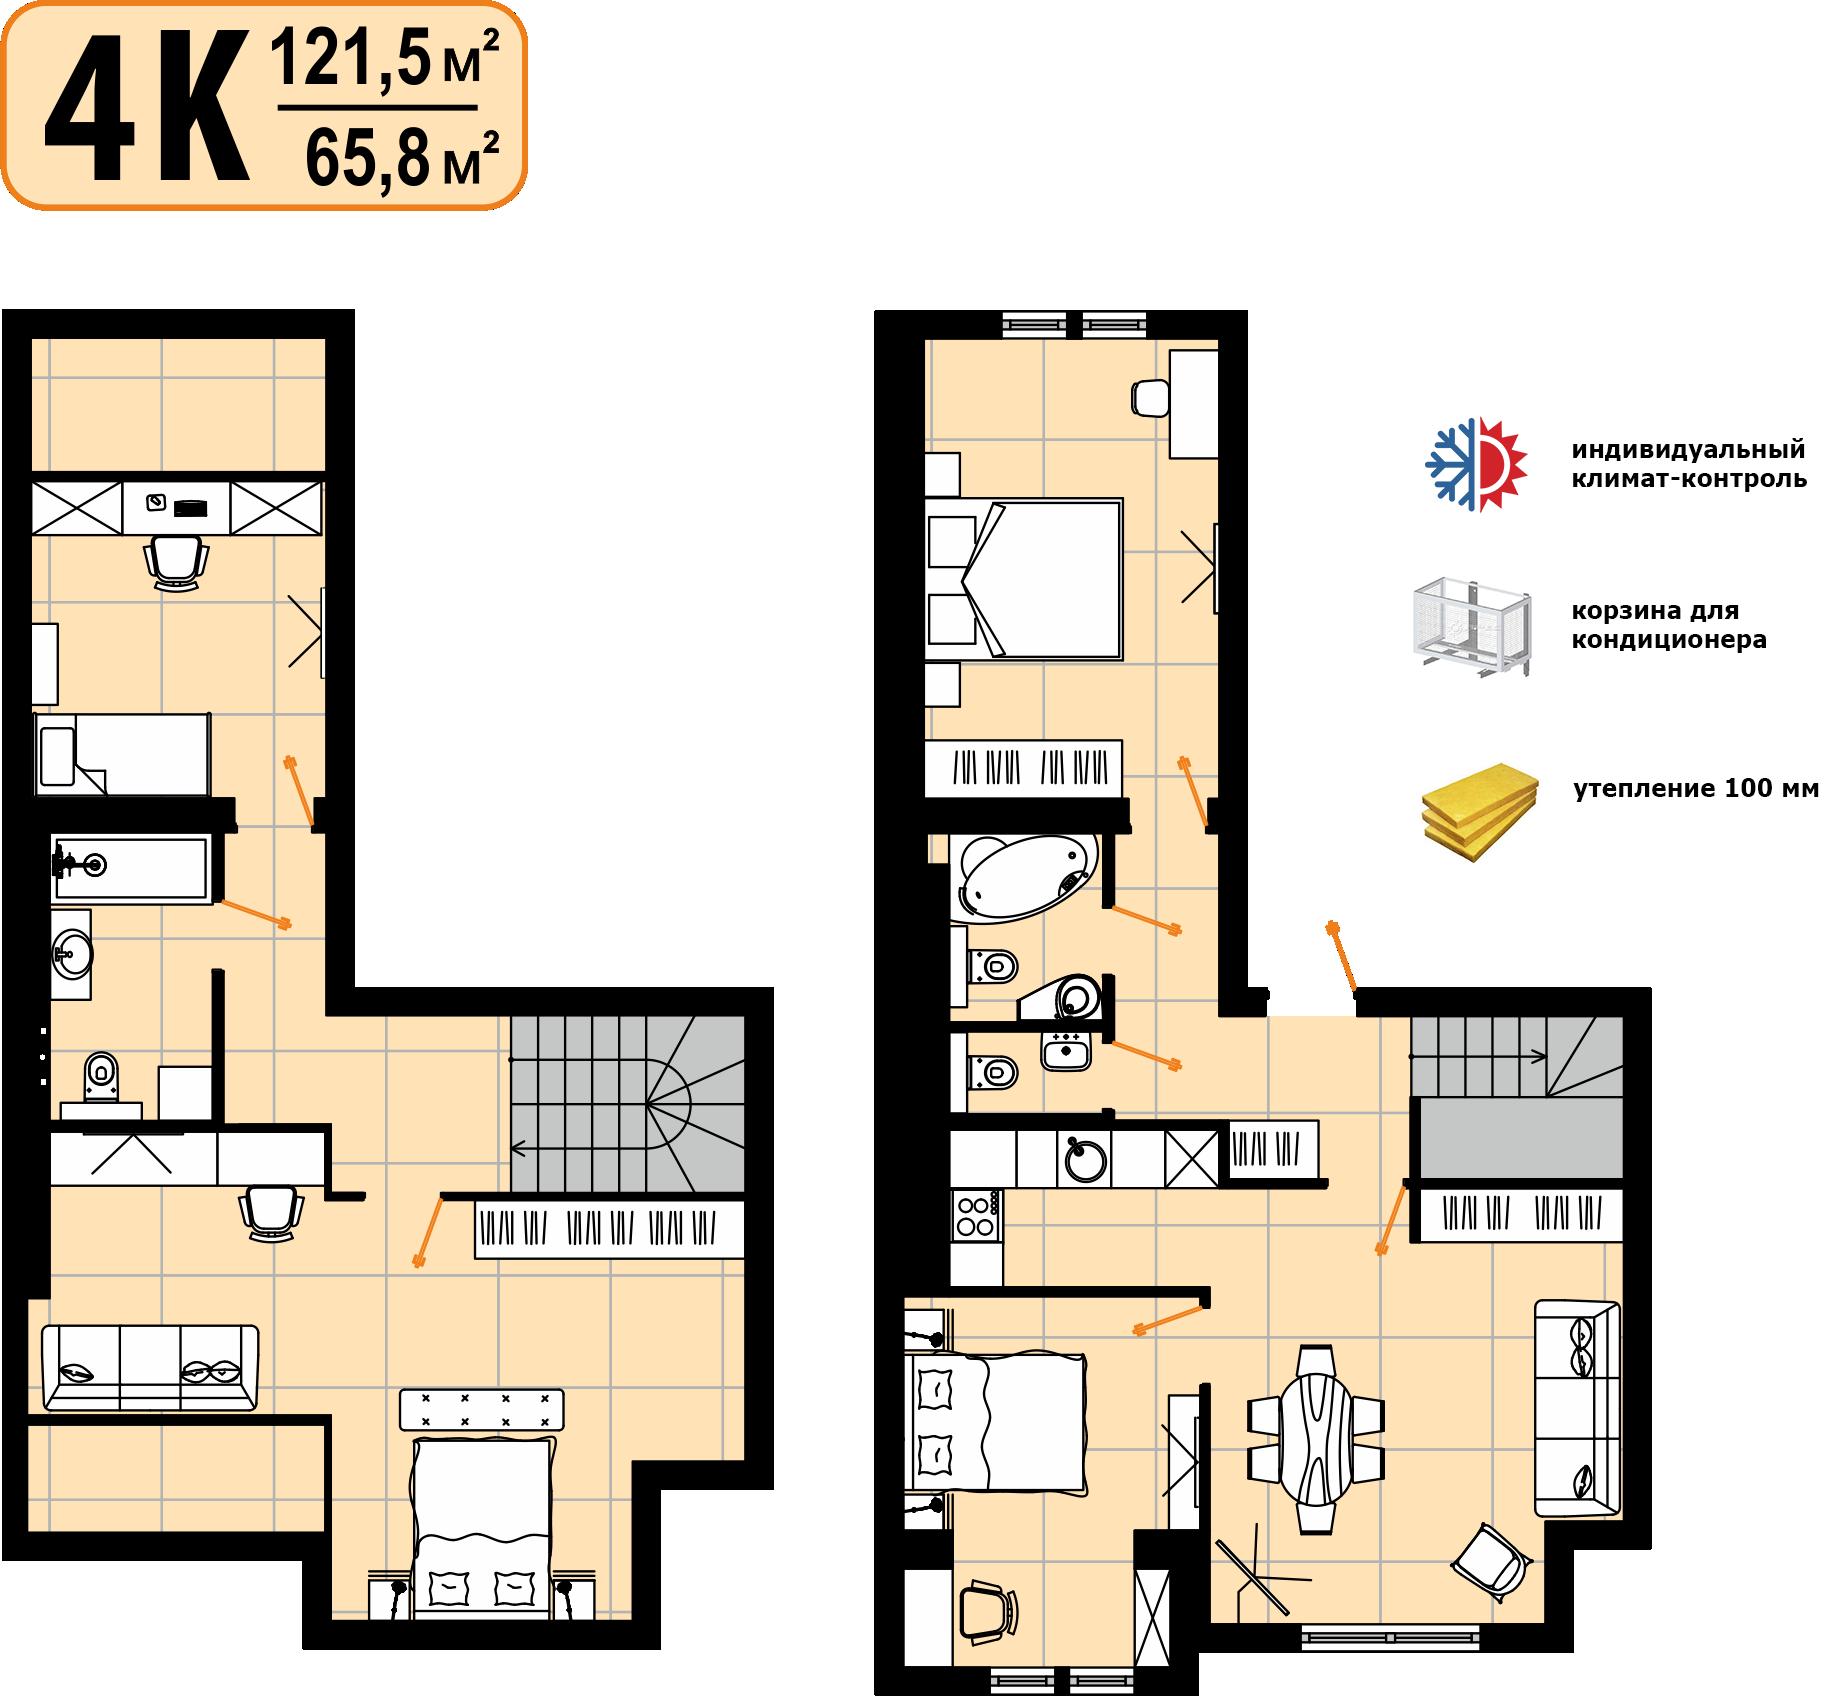 Дворівнева квартира 121,5м²